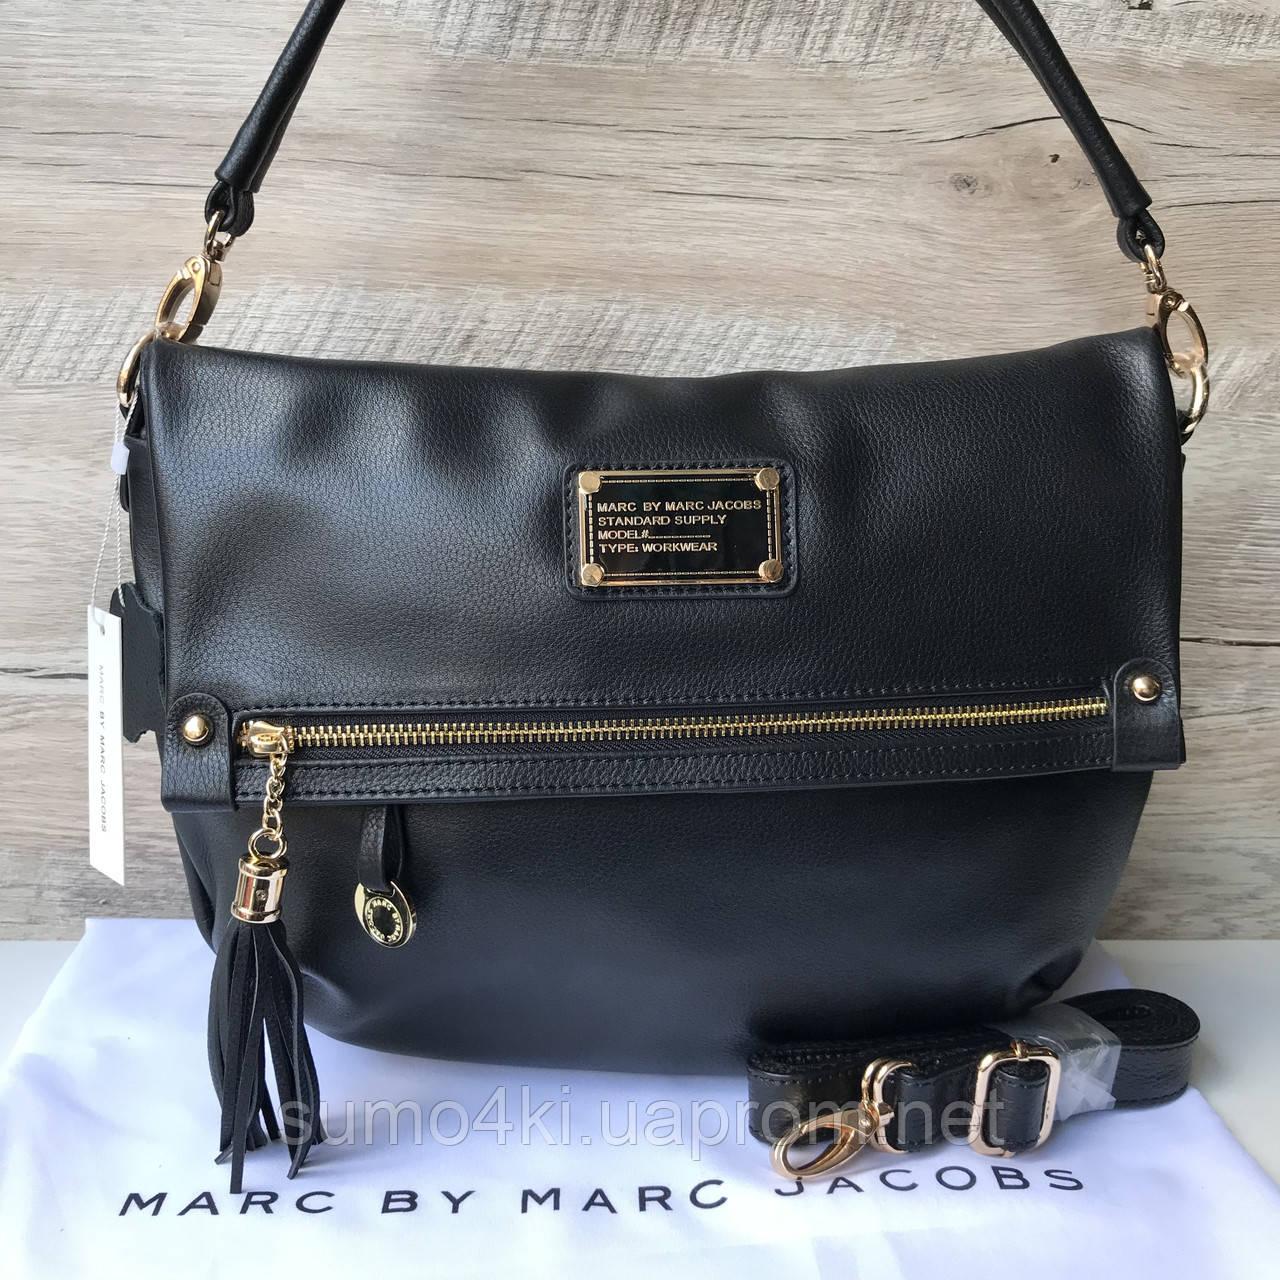 4c4afff719a9 Женская кожаная сумка Marc Jacobs Марк Джейкобс - Интернет-магазин «Галерея  Сумок» в